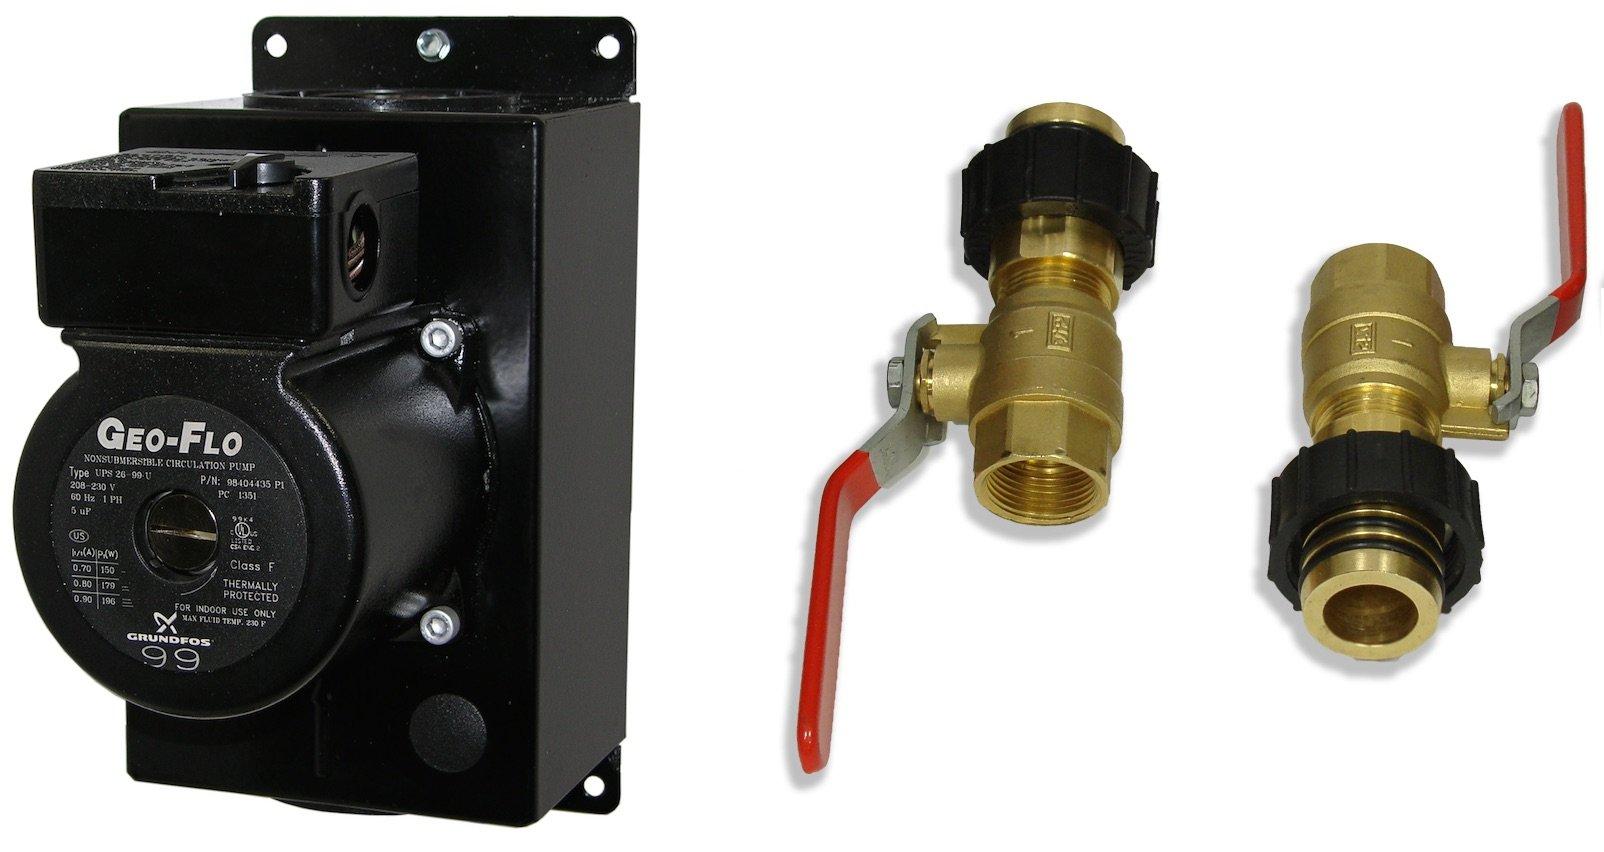 Insul. pump, UPS26-99 (3 spd), 230V, cast, isol. vlvs w/chk vlv